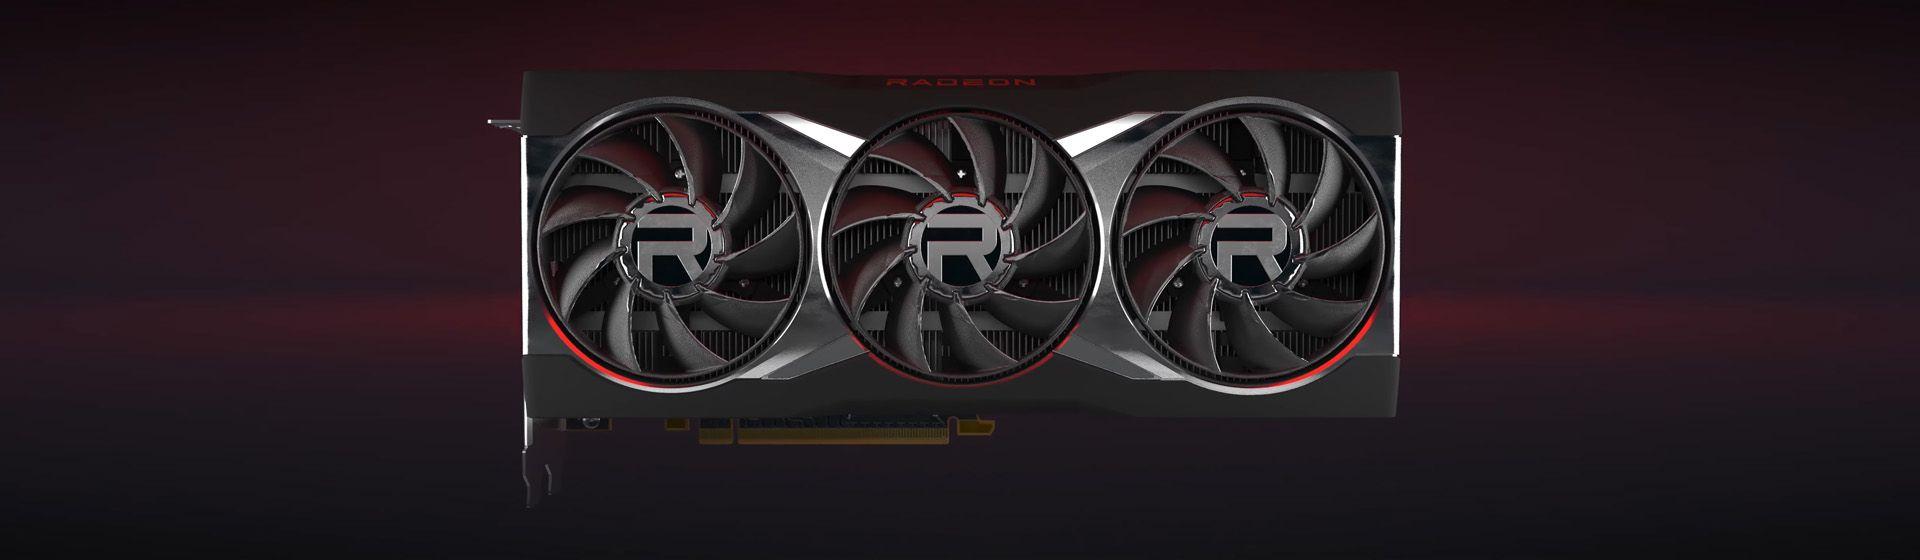 RX 6900 XT, 6800 XT e 6800: preço e lançamento das placas de vídeo AMD